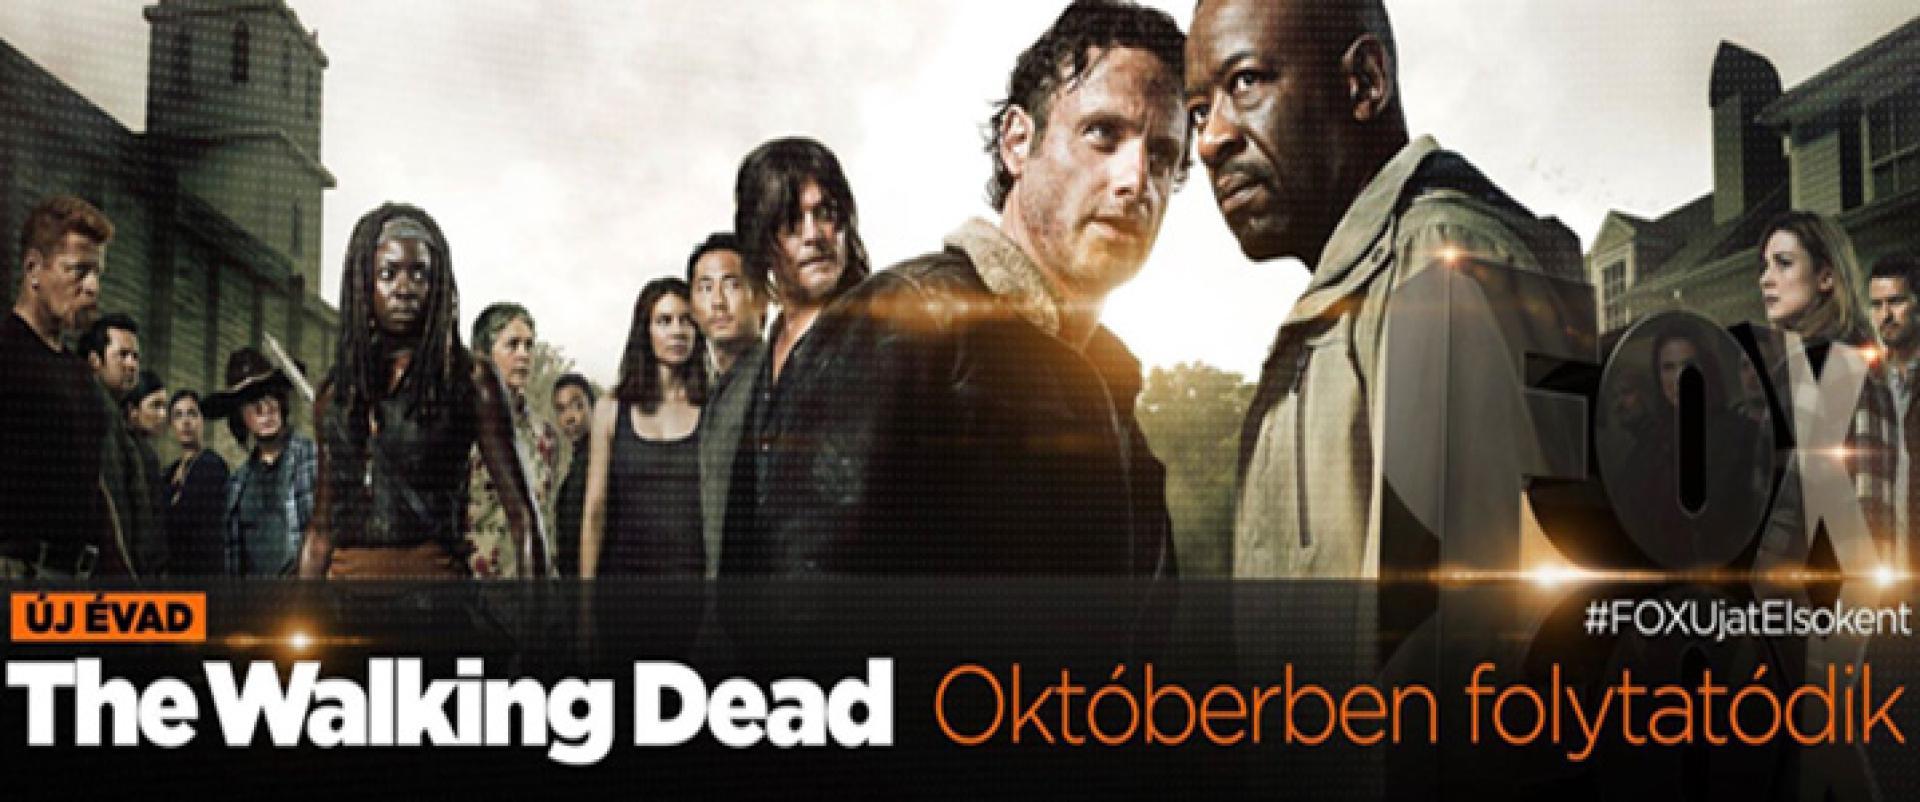 The Walking Dead: új szereplő + poénvideó